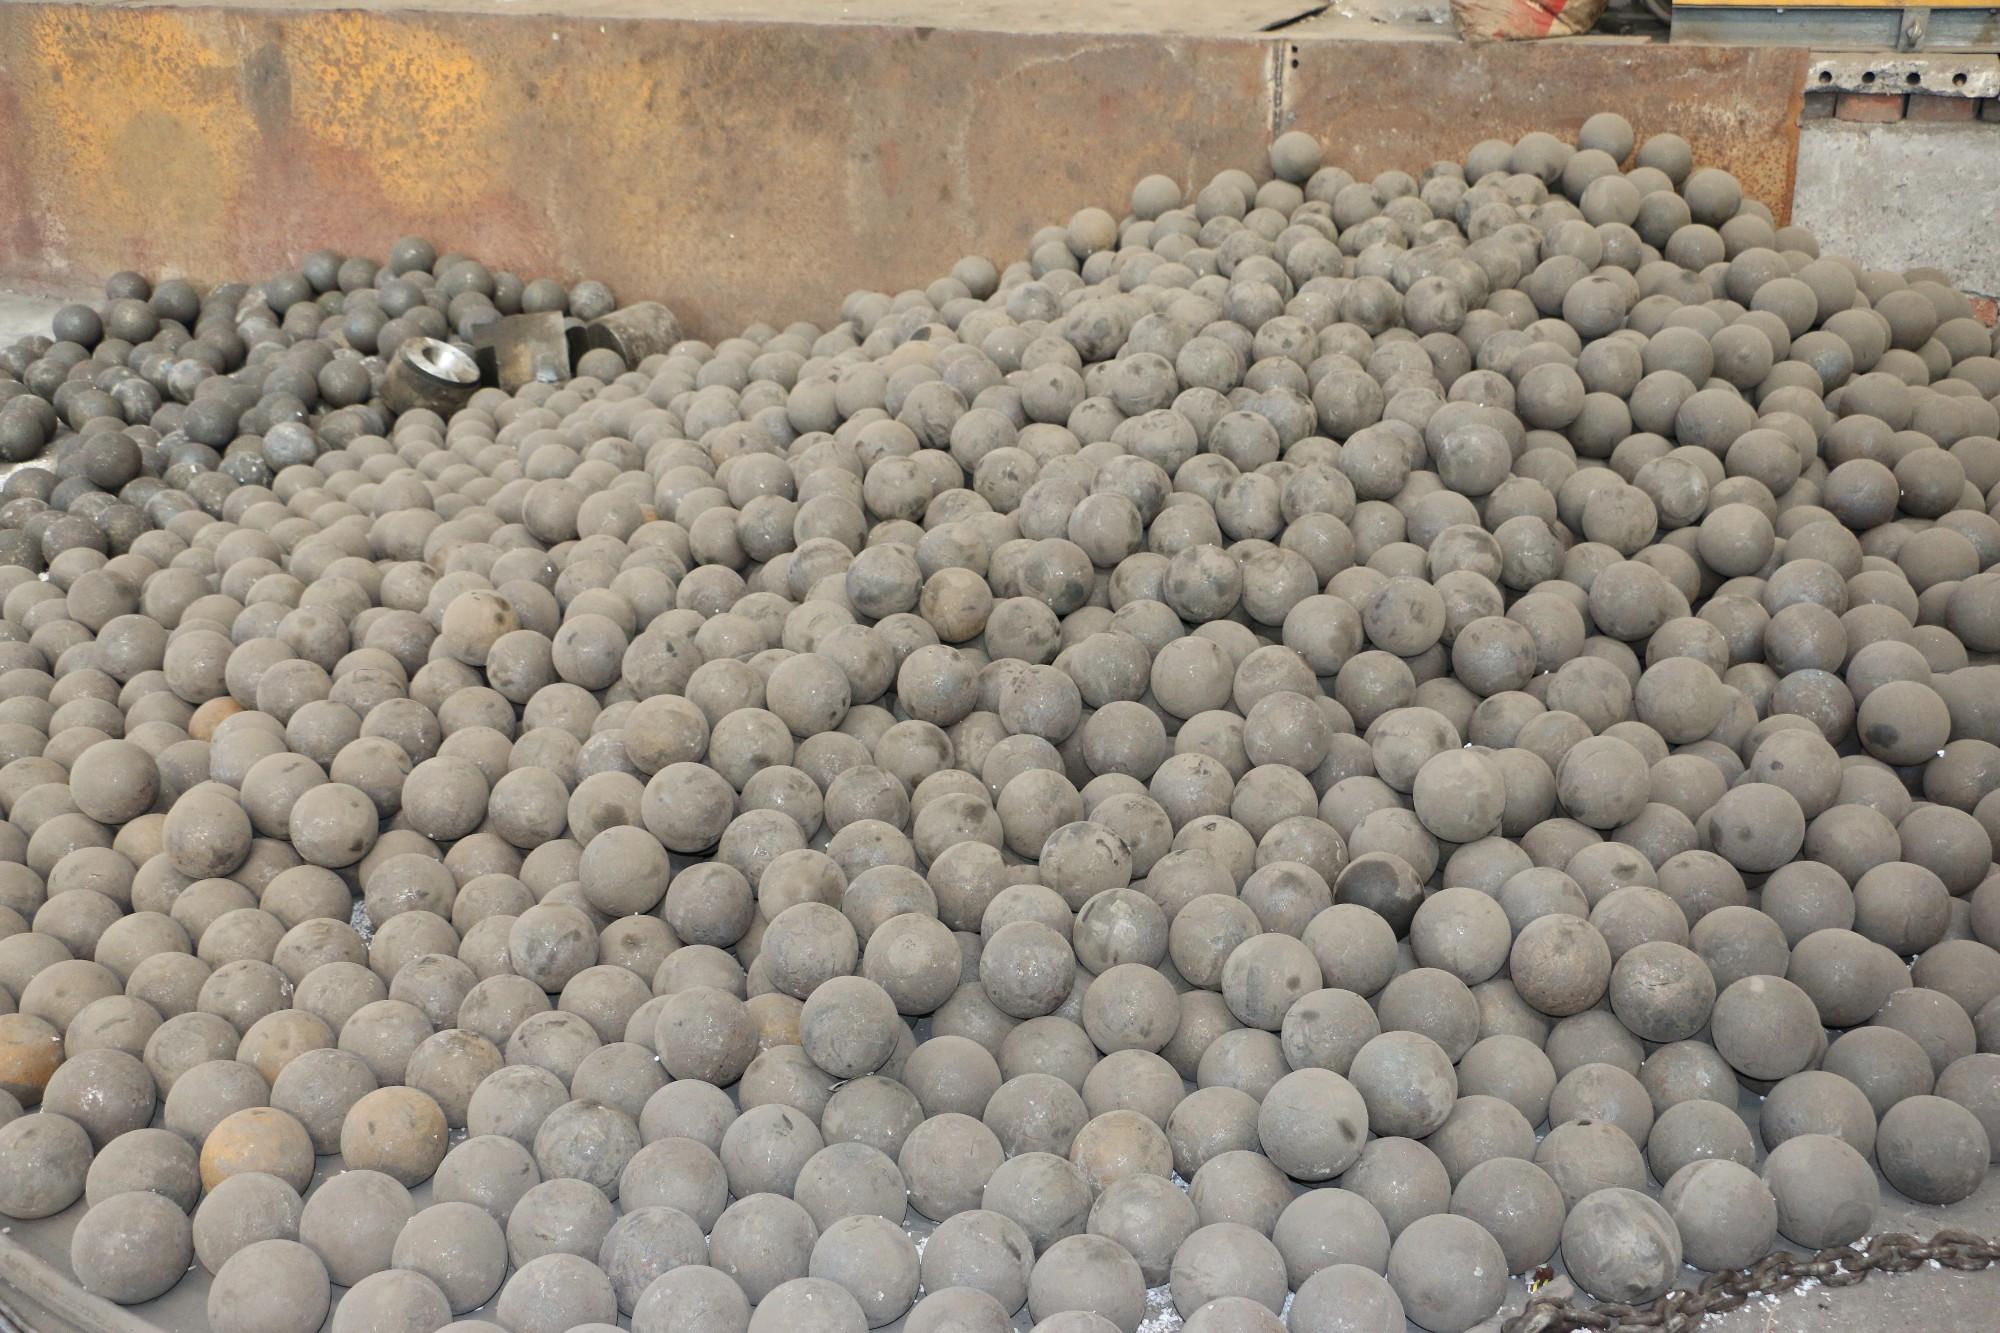 Kaufen Geschmiedete Stahlmahlkörper-Bälle für Zementwerk;Geschmiedete Stahlmahlkörper-Bälle für Zementwerk Preis;Geschmiedete Stahlmahlkörper-Bälle für Zementwerk Marken;Geschmiedete Stahlmahlkörper-Bälle für Zementwerk Hersteller;Geschmiedete Stahlmahlkörper-Bälle für Zementwerk Zitat;Geschmiedete Stahlmahlkörper-Bälle für Zementwerk Unternehmen